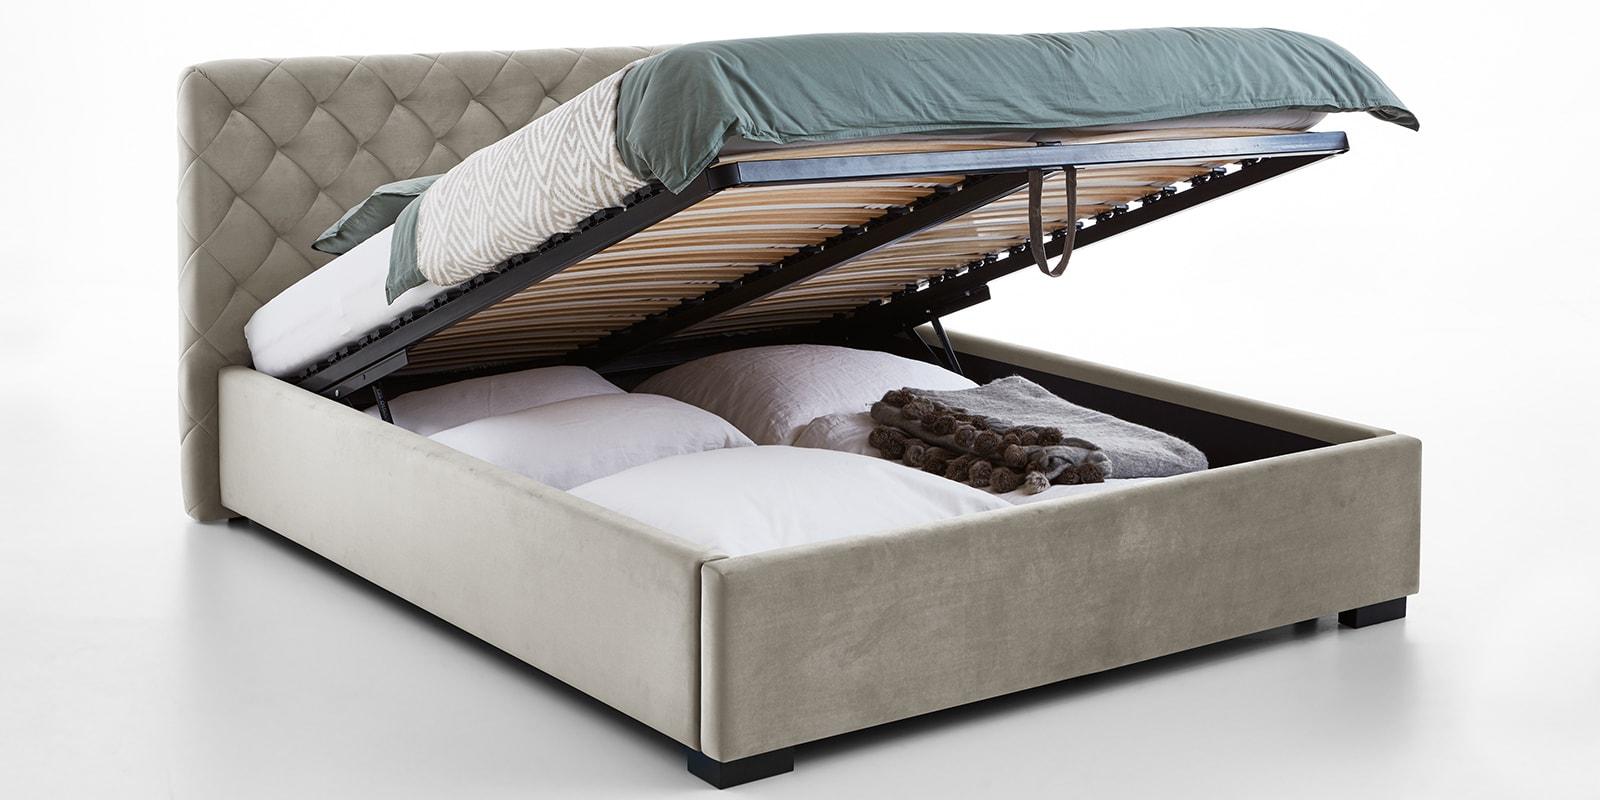 Moebella24 - Bett - mit - Bettkasten - Elsa - Samt - Altweiß - Stauraum - Versteppungen - am - Kopfteil